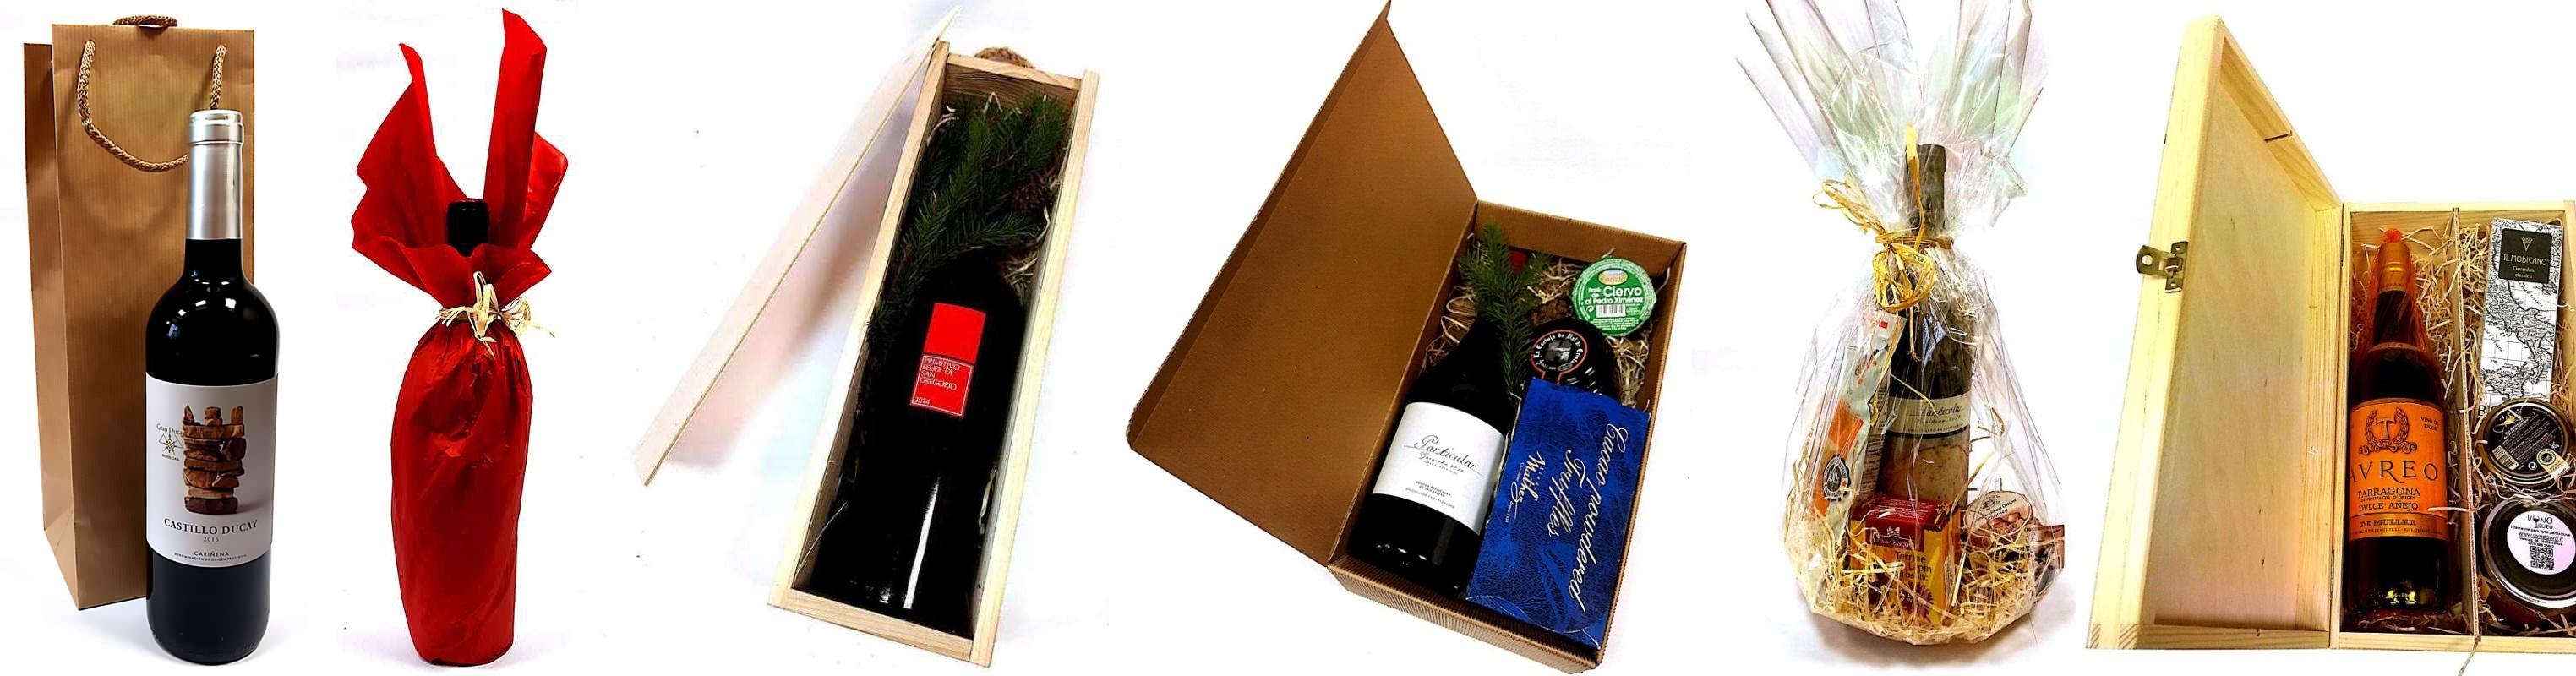 Kalėdiniai vyno rinkiniai